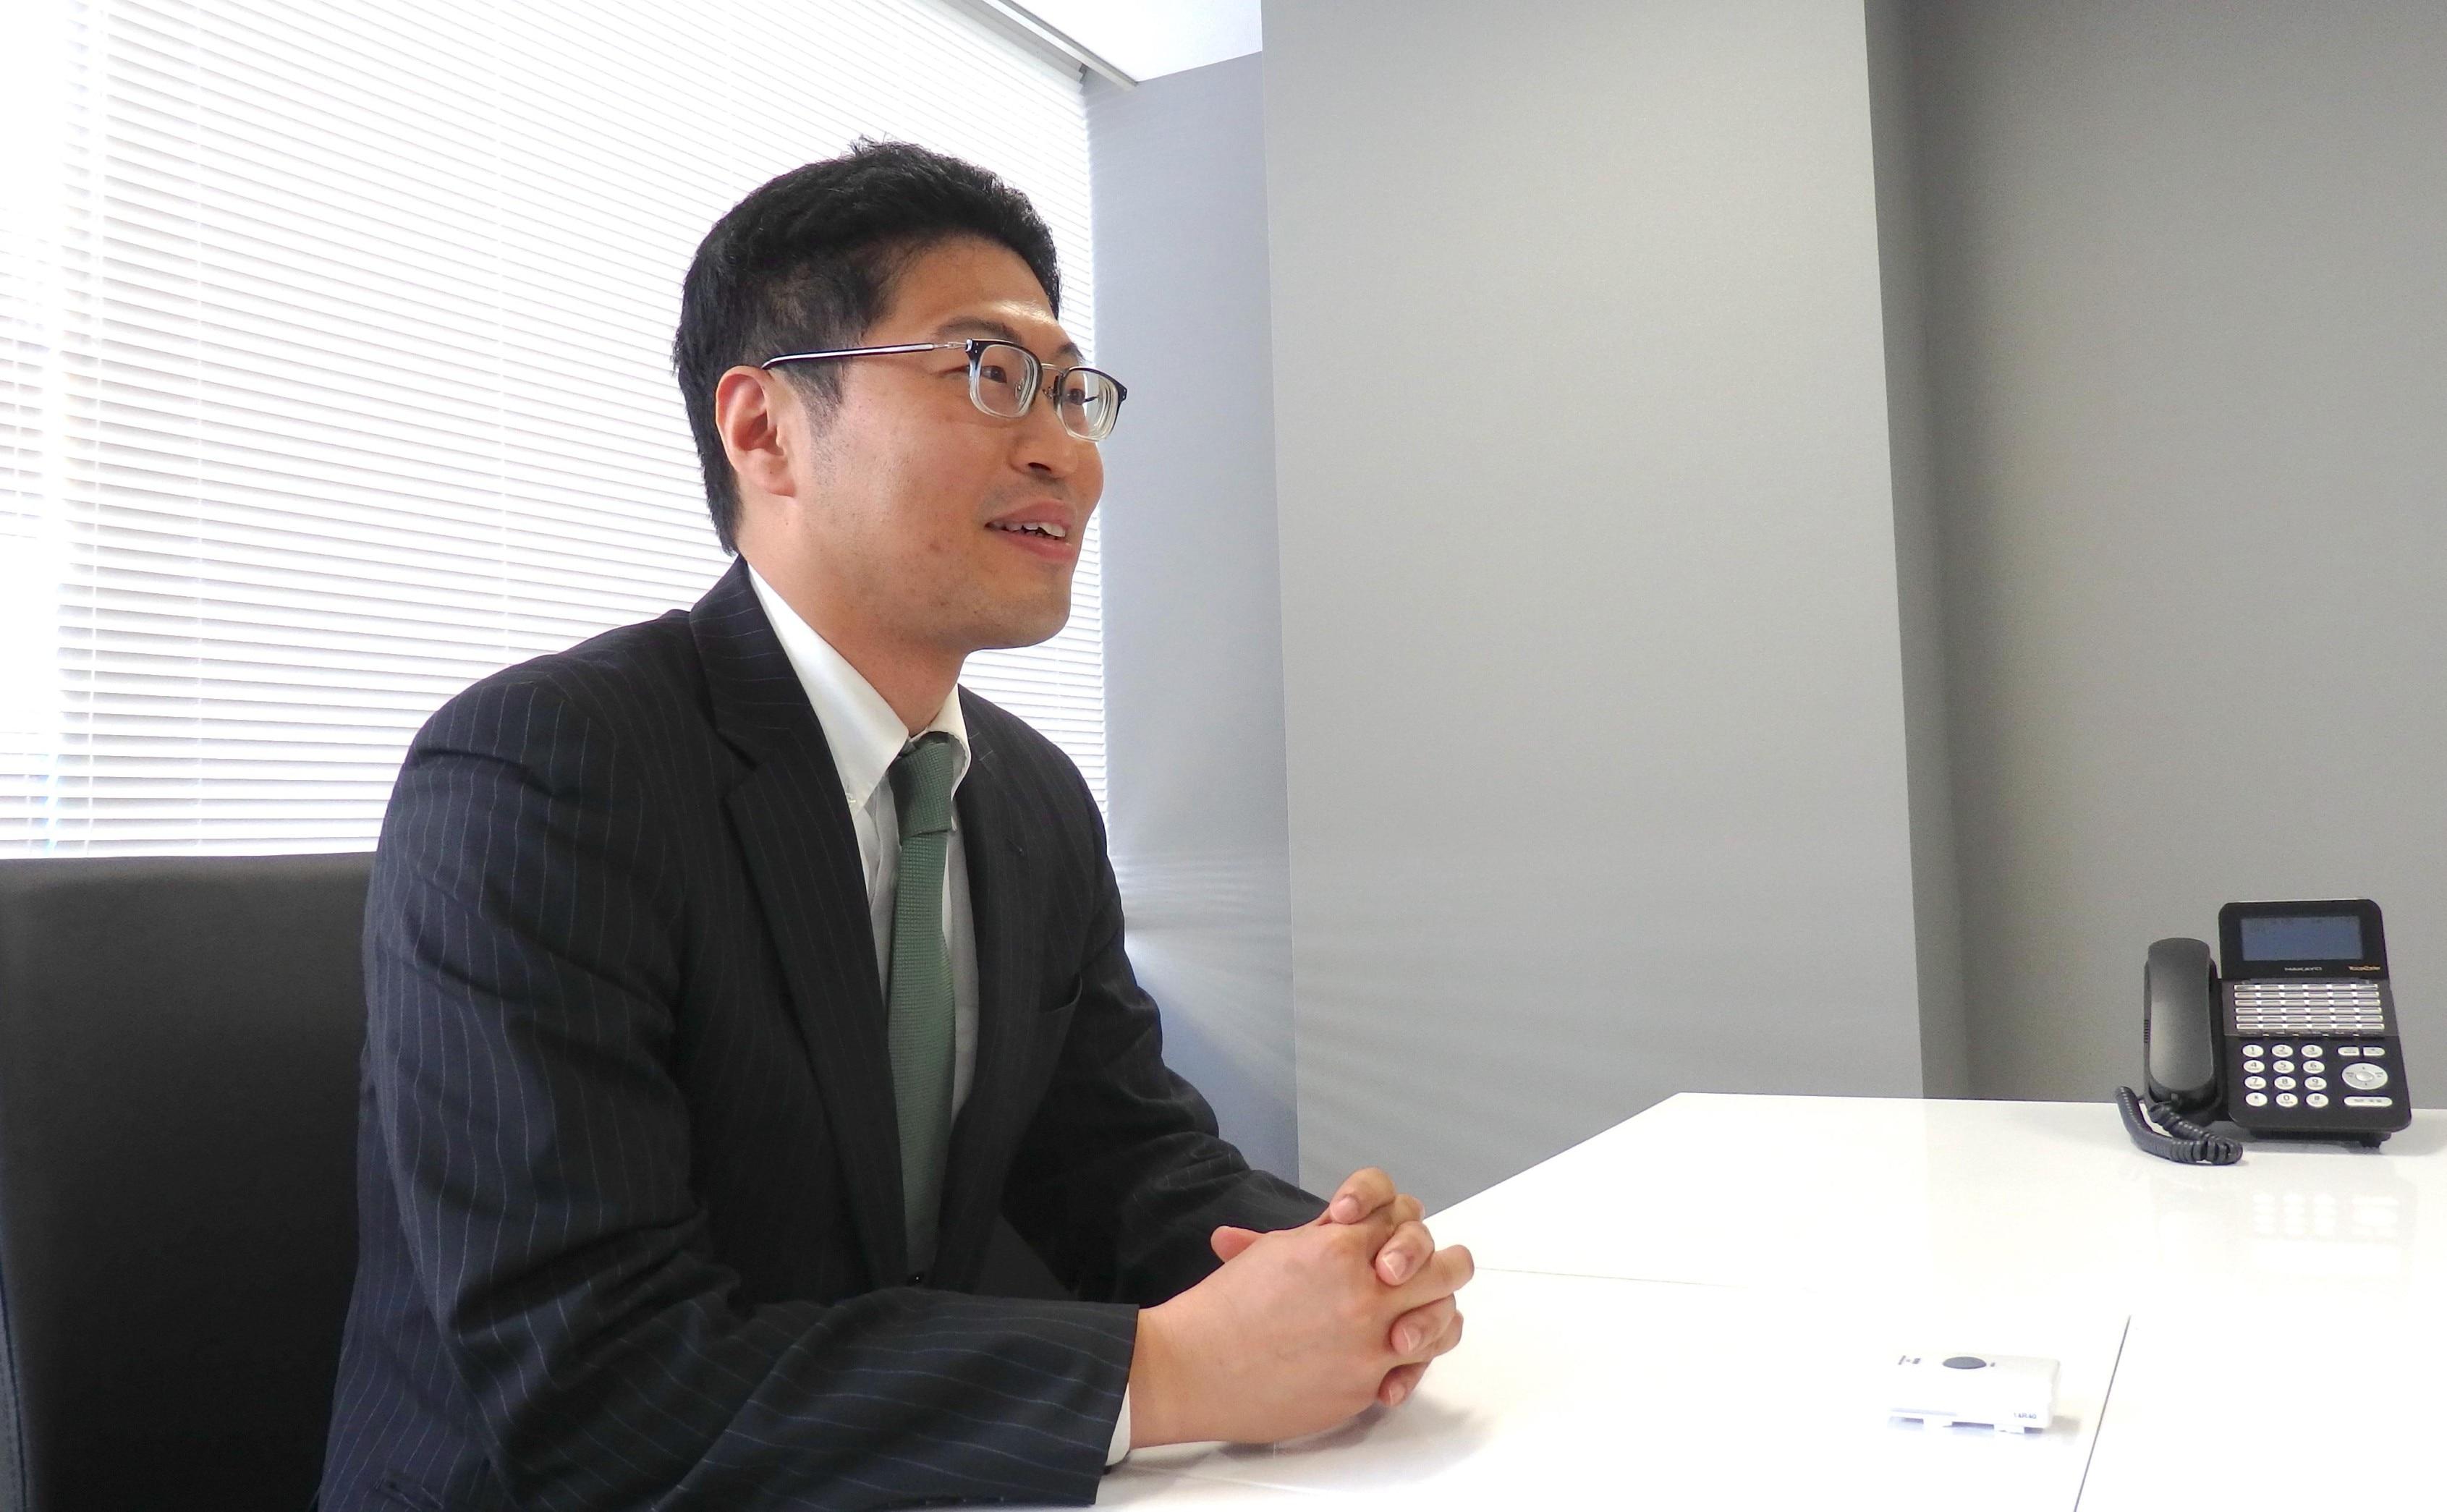 弁護士法人ガーディアン法律事務所八王子オフィス